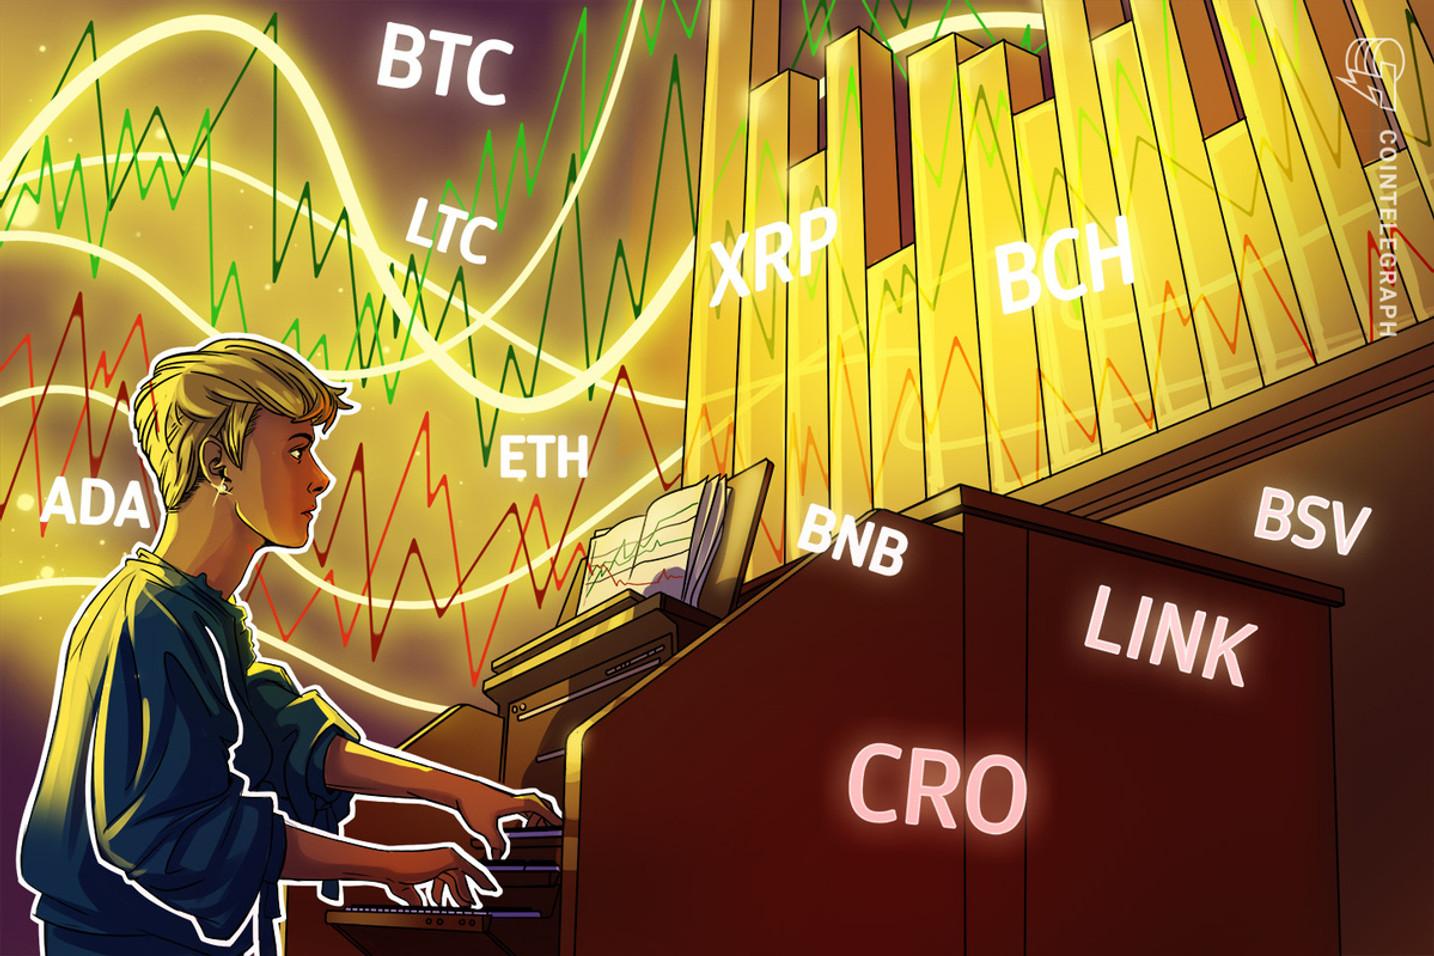 BTCは1万ドルを突破できるか ビットコイン・イーサ・XRP(リップル)・ビットコインキャッシュ・ライトコインのテクニカル分析